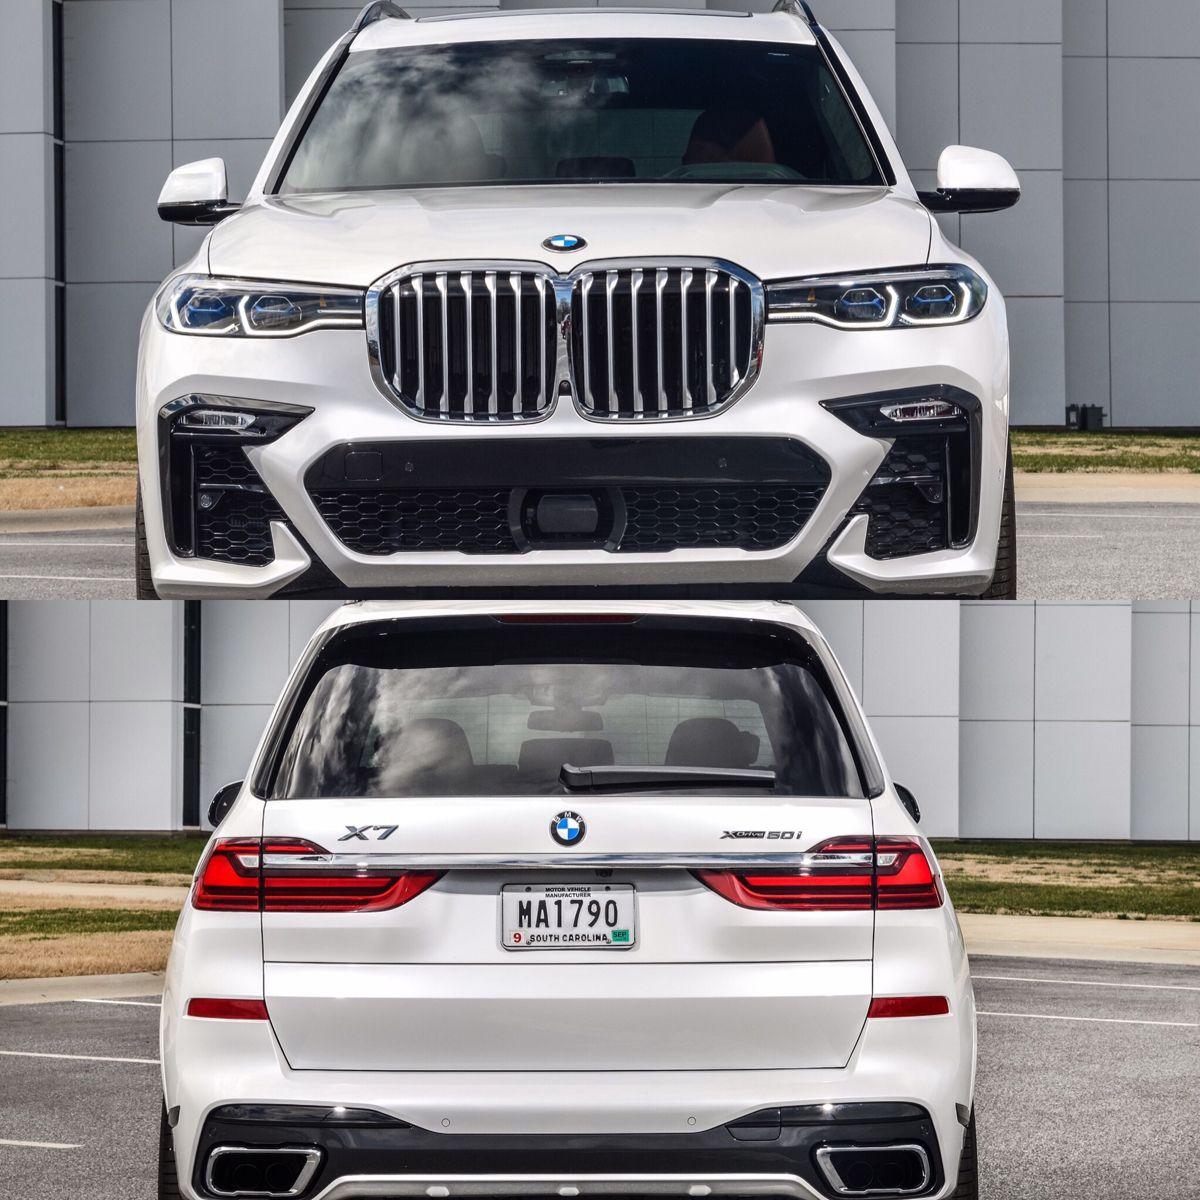 Bmw X7 M Sport: #BMW #G07 #X7 #xDrive50i #SAV #MPackage